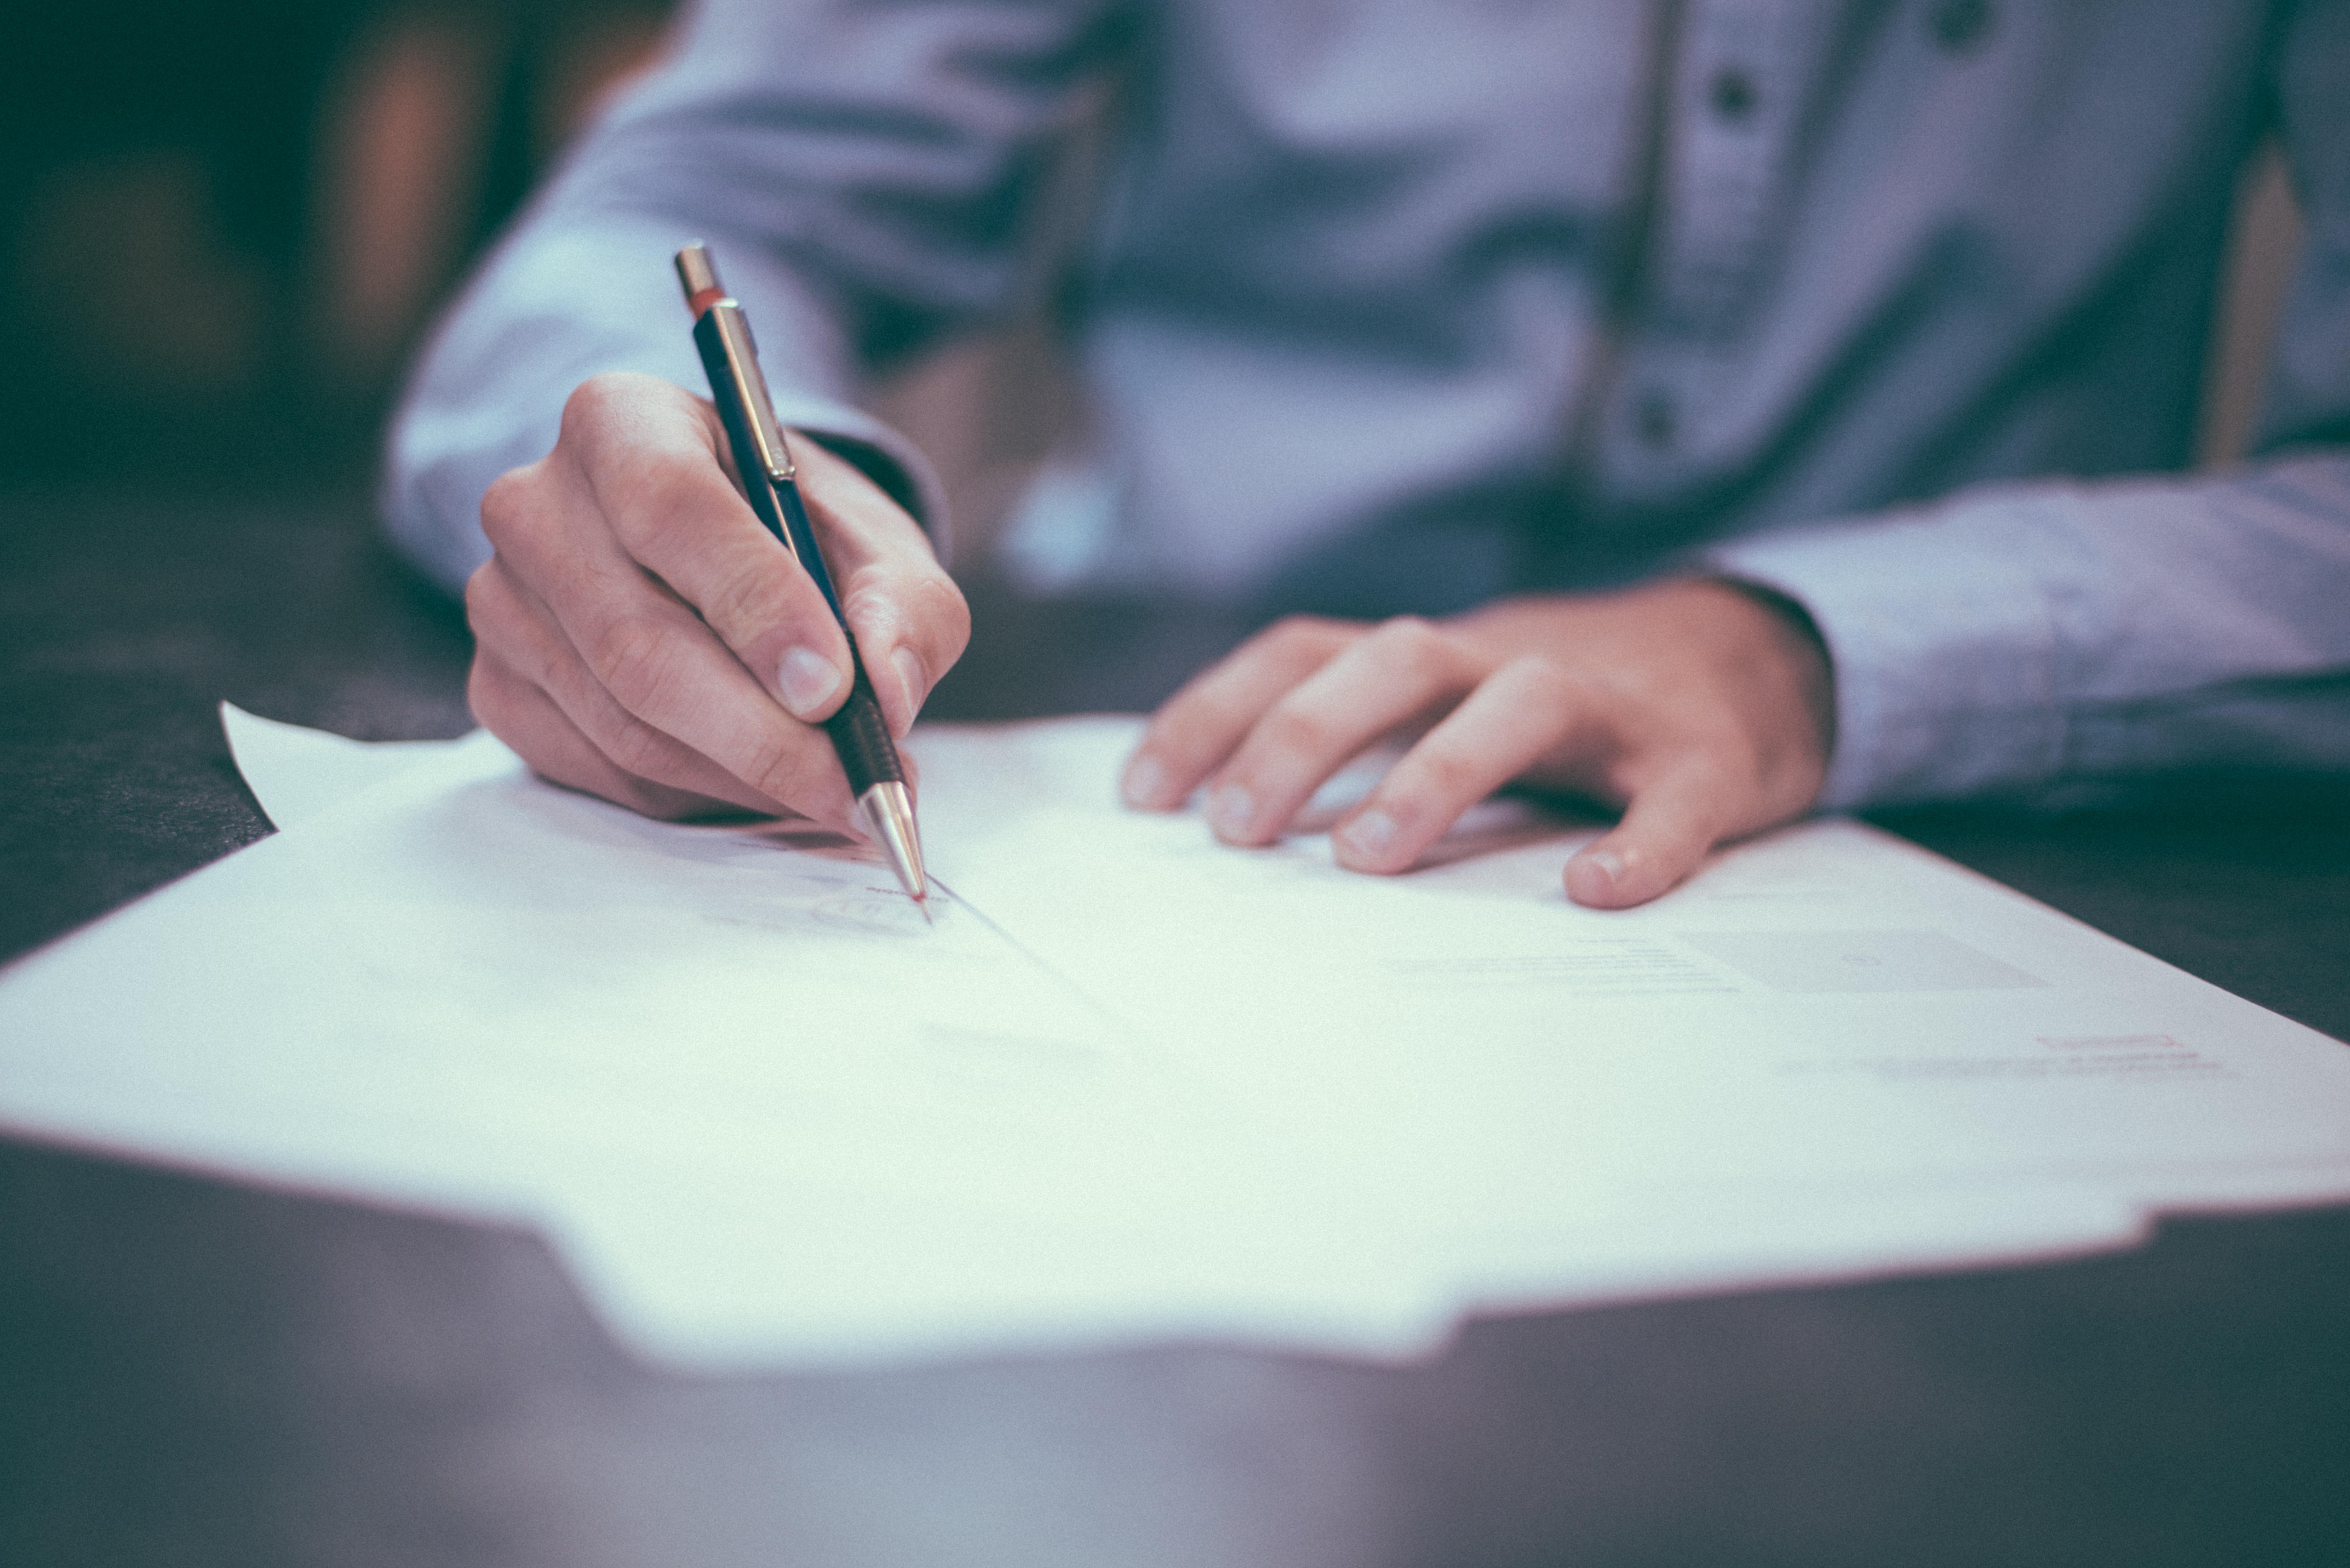 Idoso incapaz não pode assinar procuração.